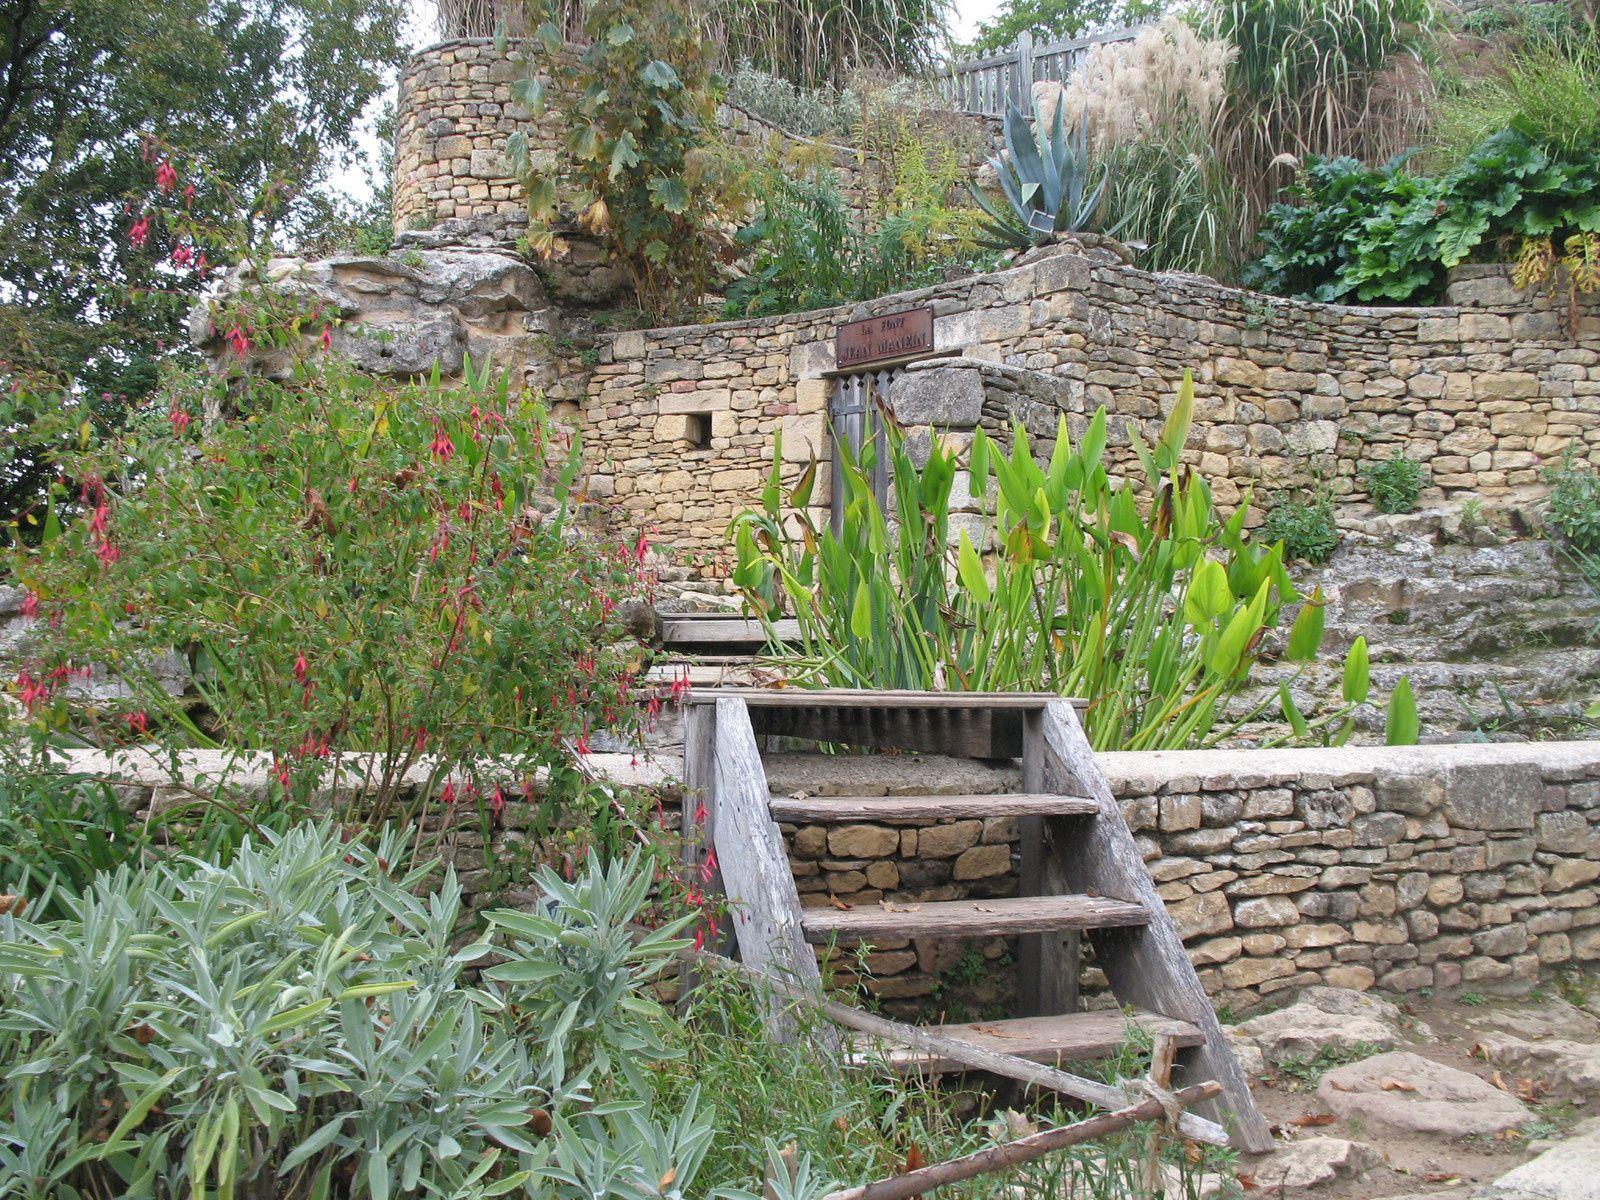 Les jardins panoramiques de Limeuil - Périgord